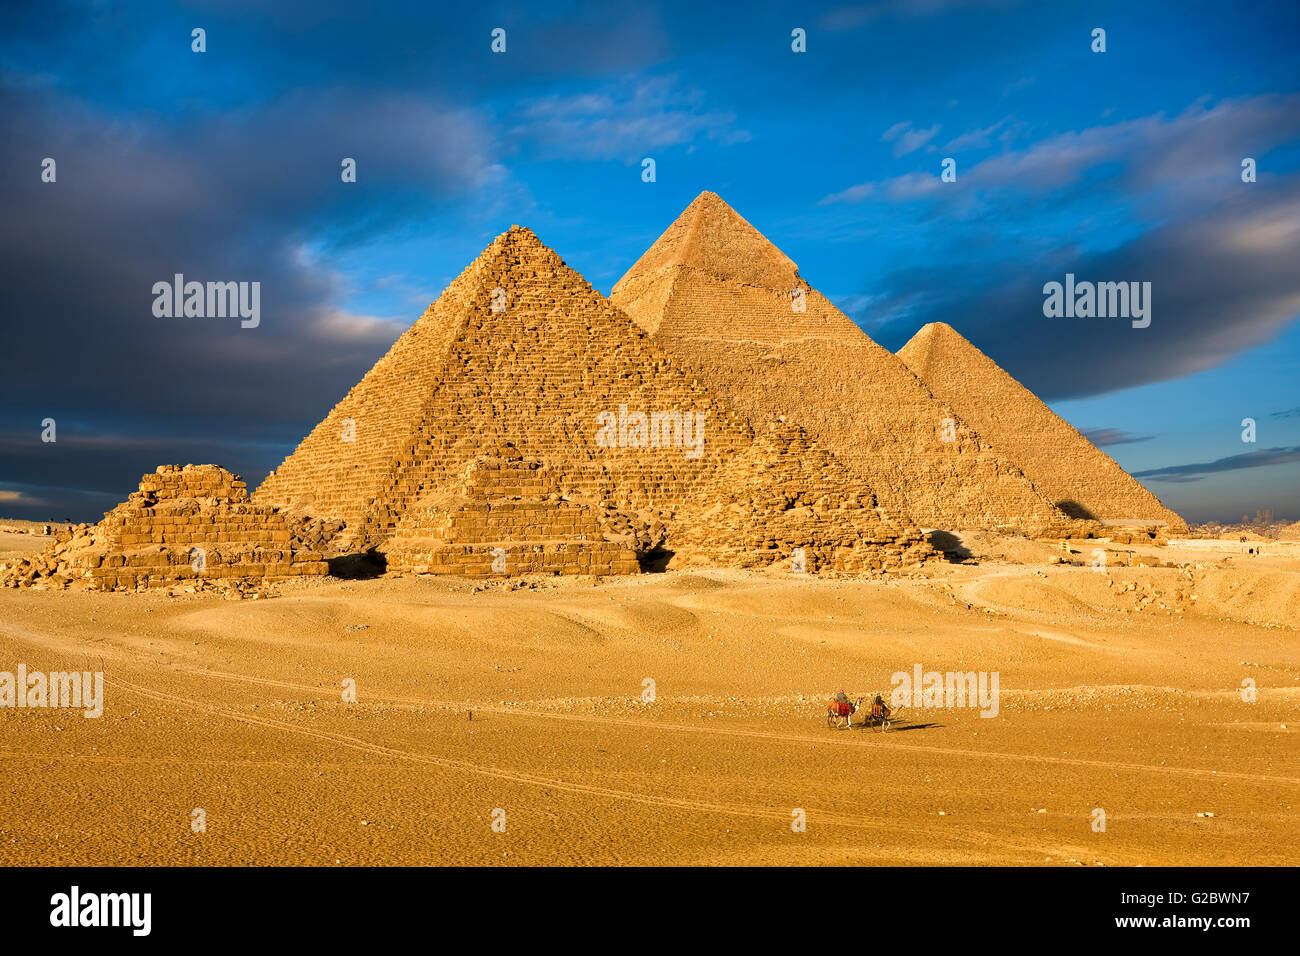 Les pyramides de Gizeh, près du Caire Photo Stock